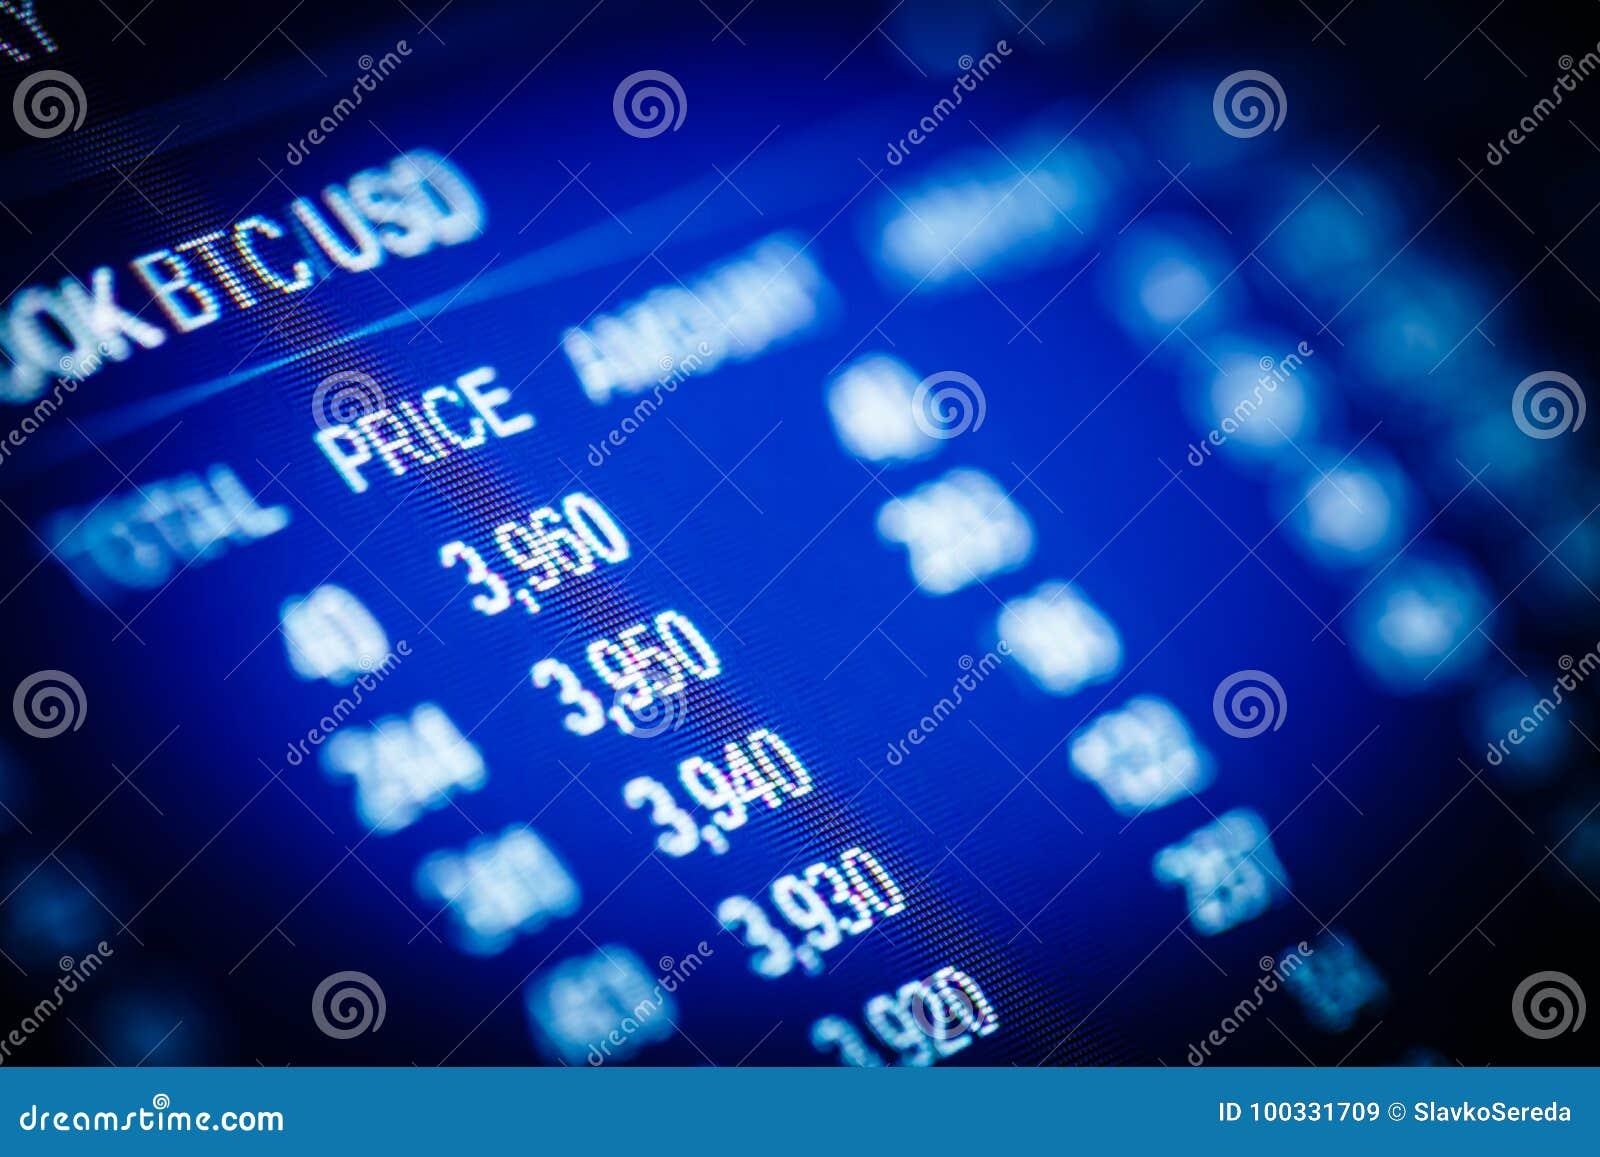 Free Stock Quote Quoteso Stock Quote Stock Quotes Google • Hak660